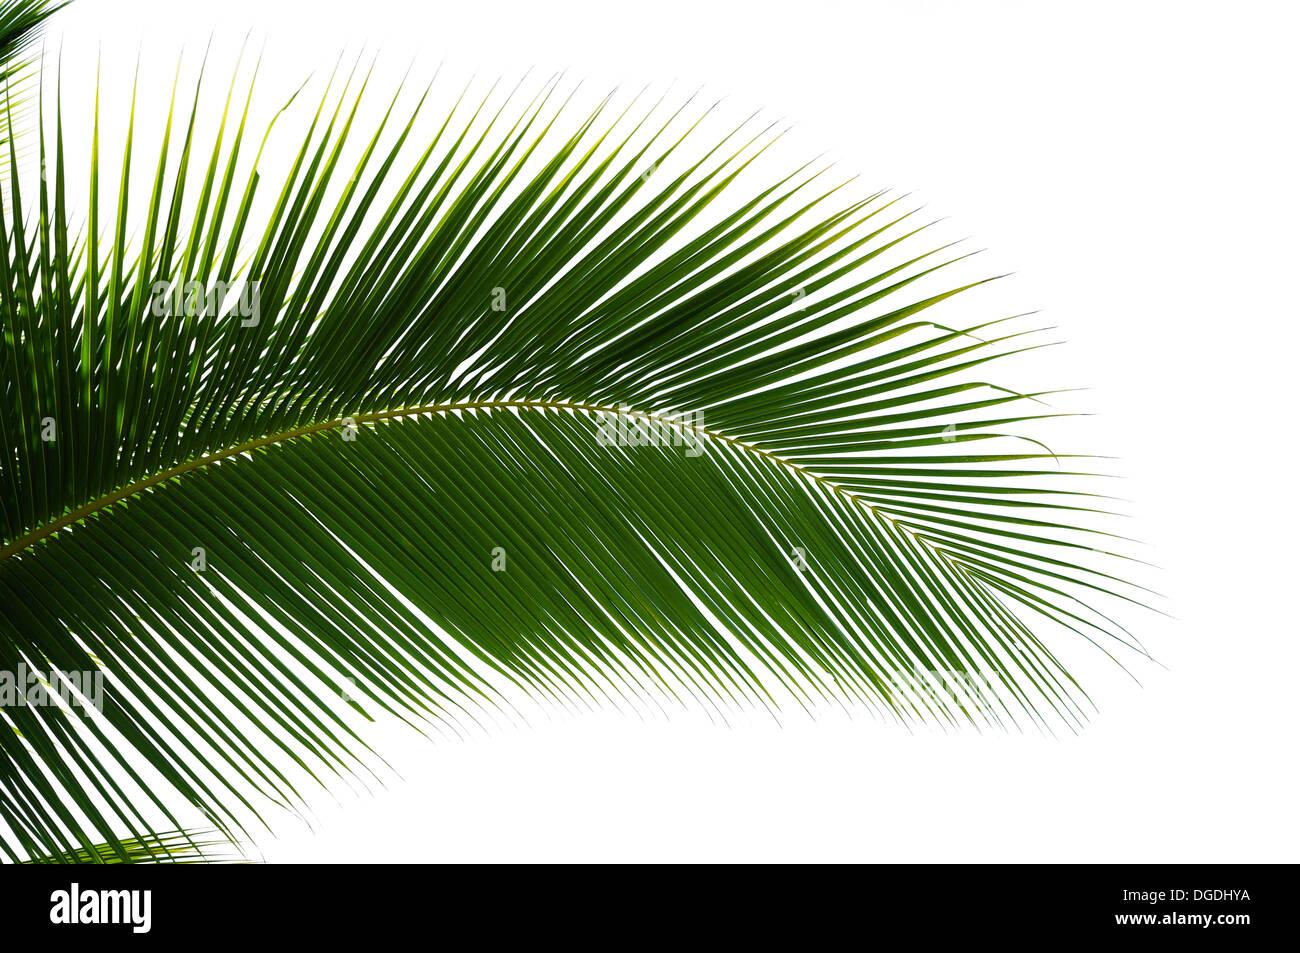 Feuilles de palmier cocotier isolé sur fond blanc Photo Stock